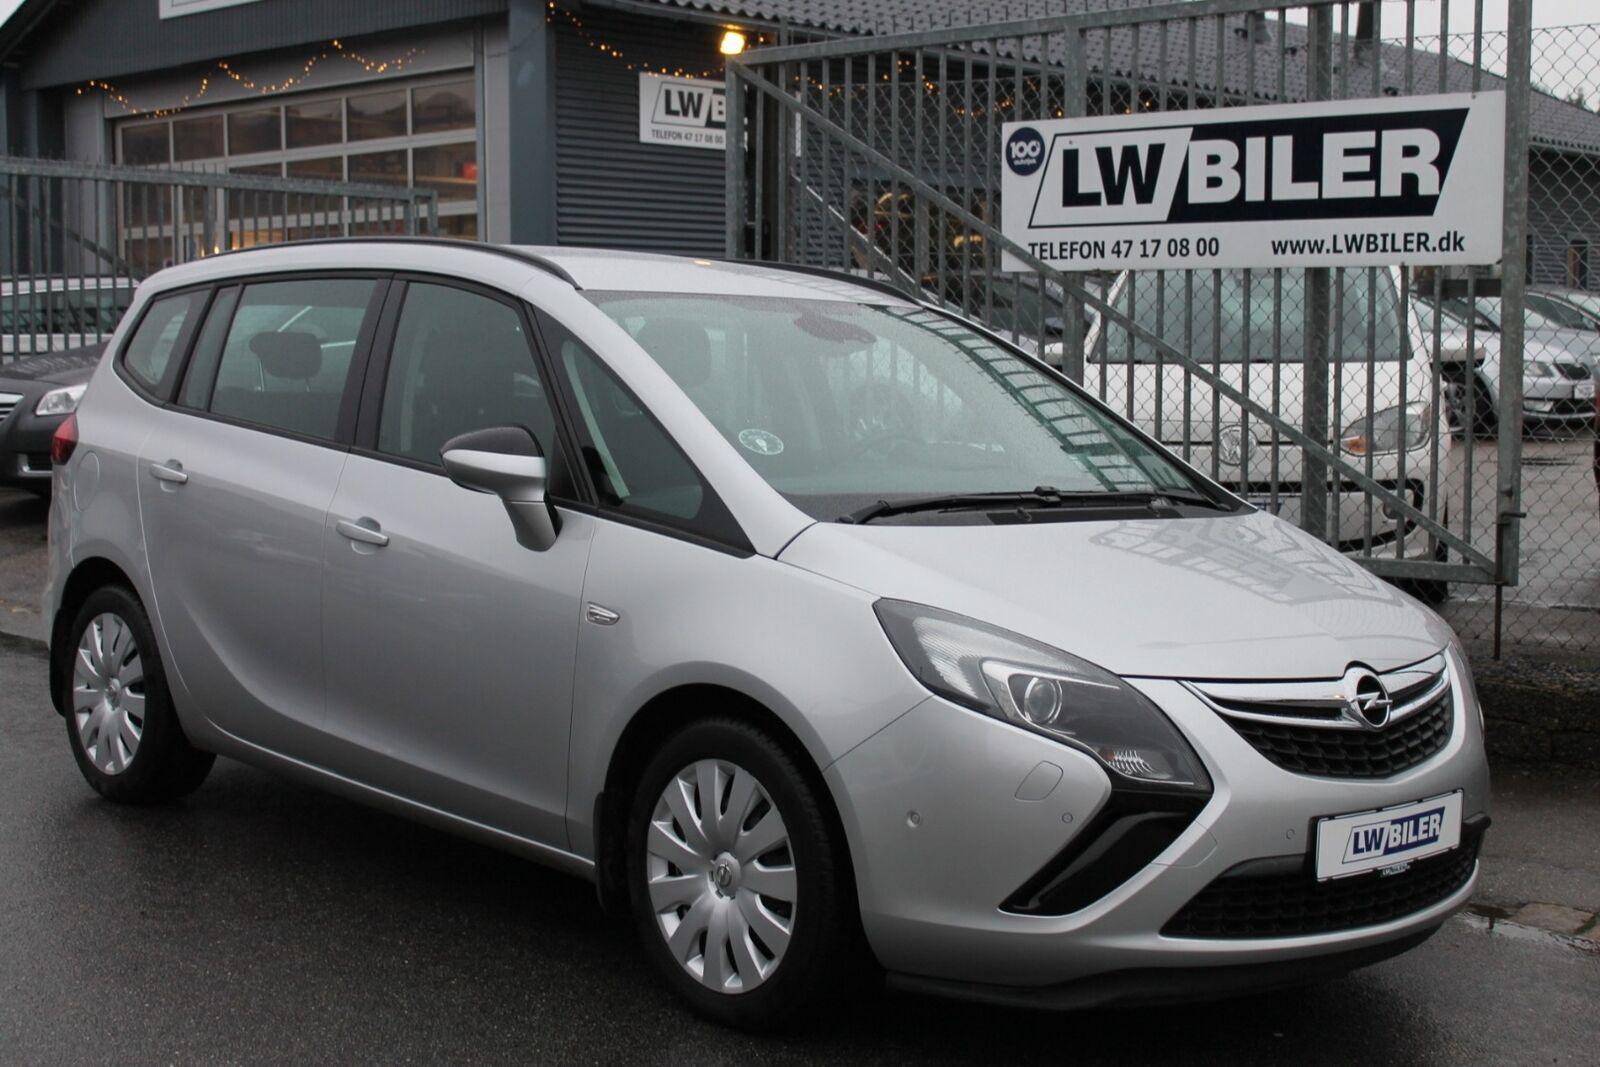 Opel Zafira Tourer 1,4 T 120 Enjoy eco 5d - 126.900 kr.